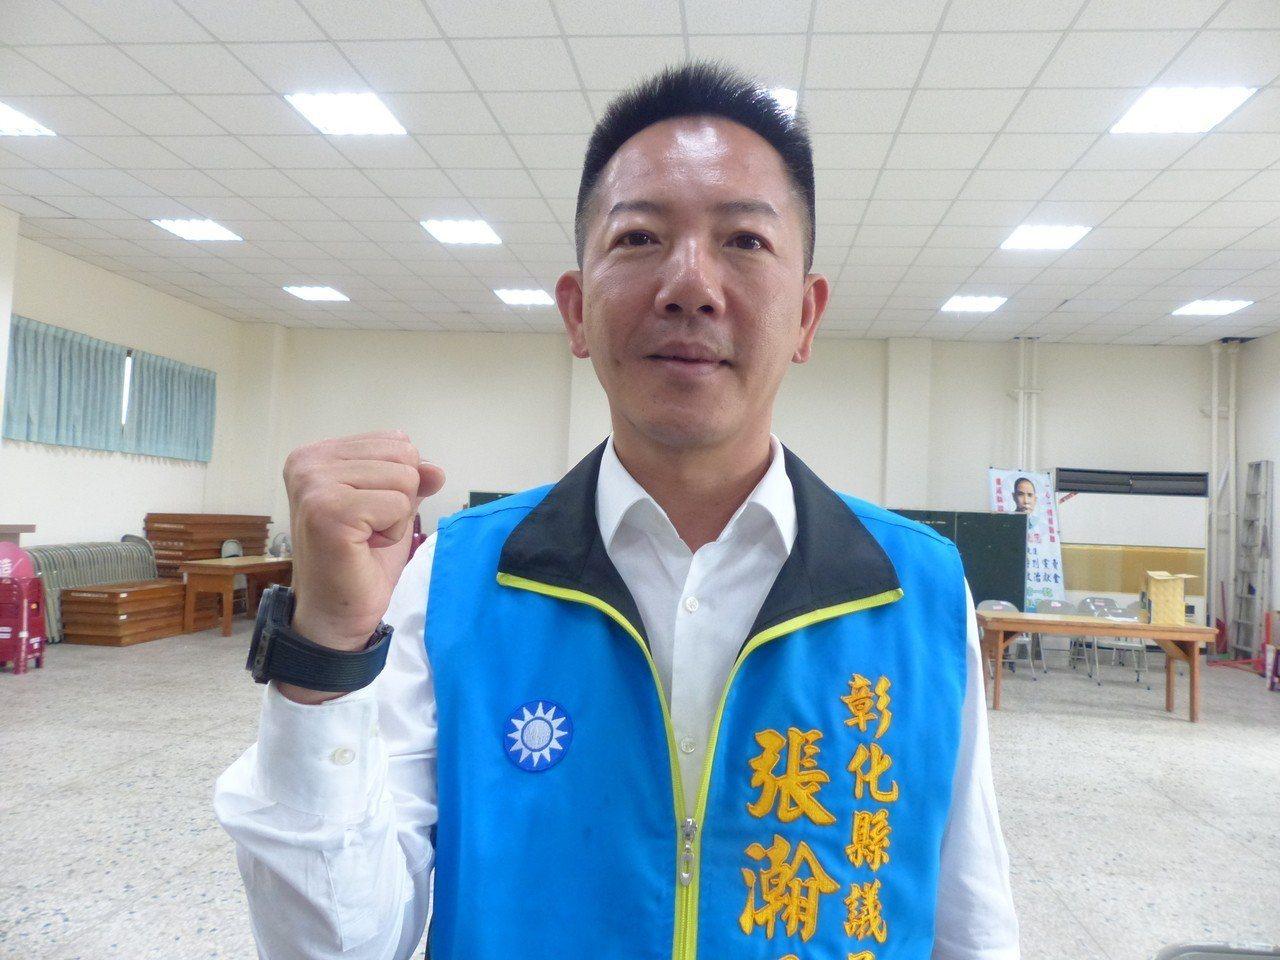 國民黨彰化縣立委第二選區初選,由縣議員張瀚天勝出。記者劉明岩/攝影